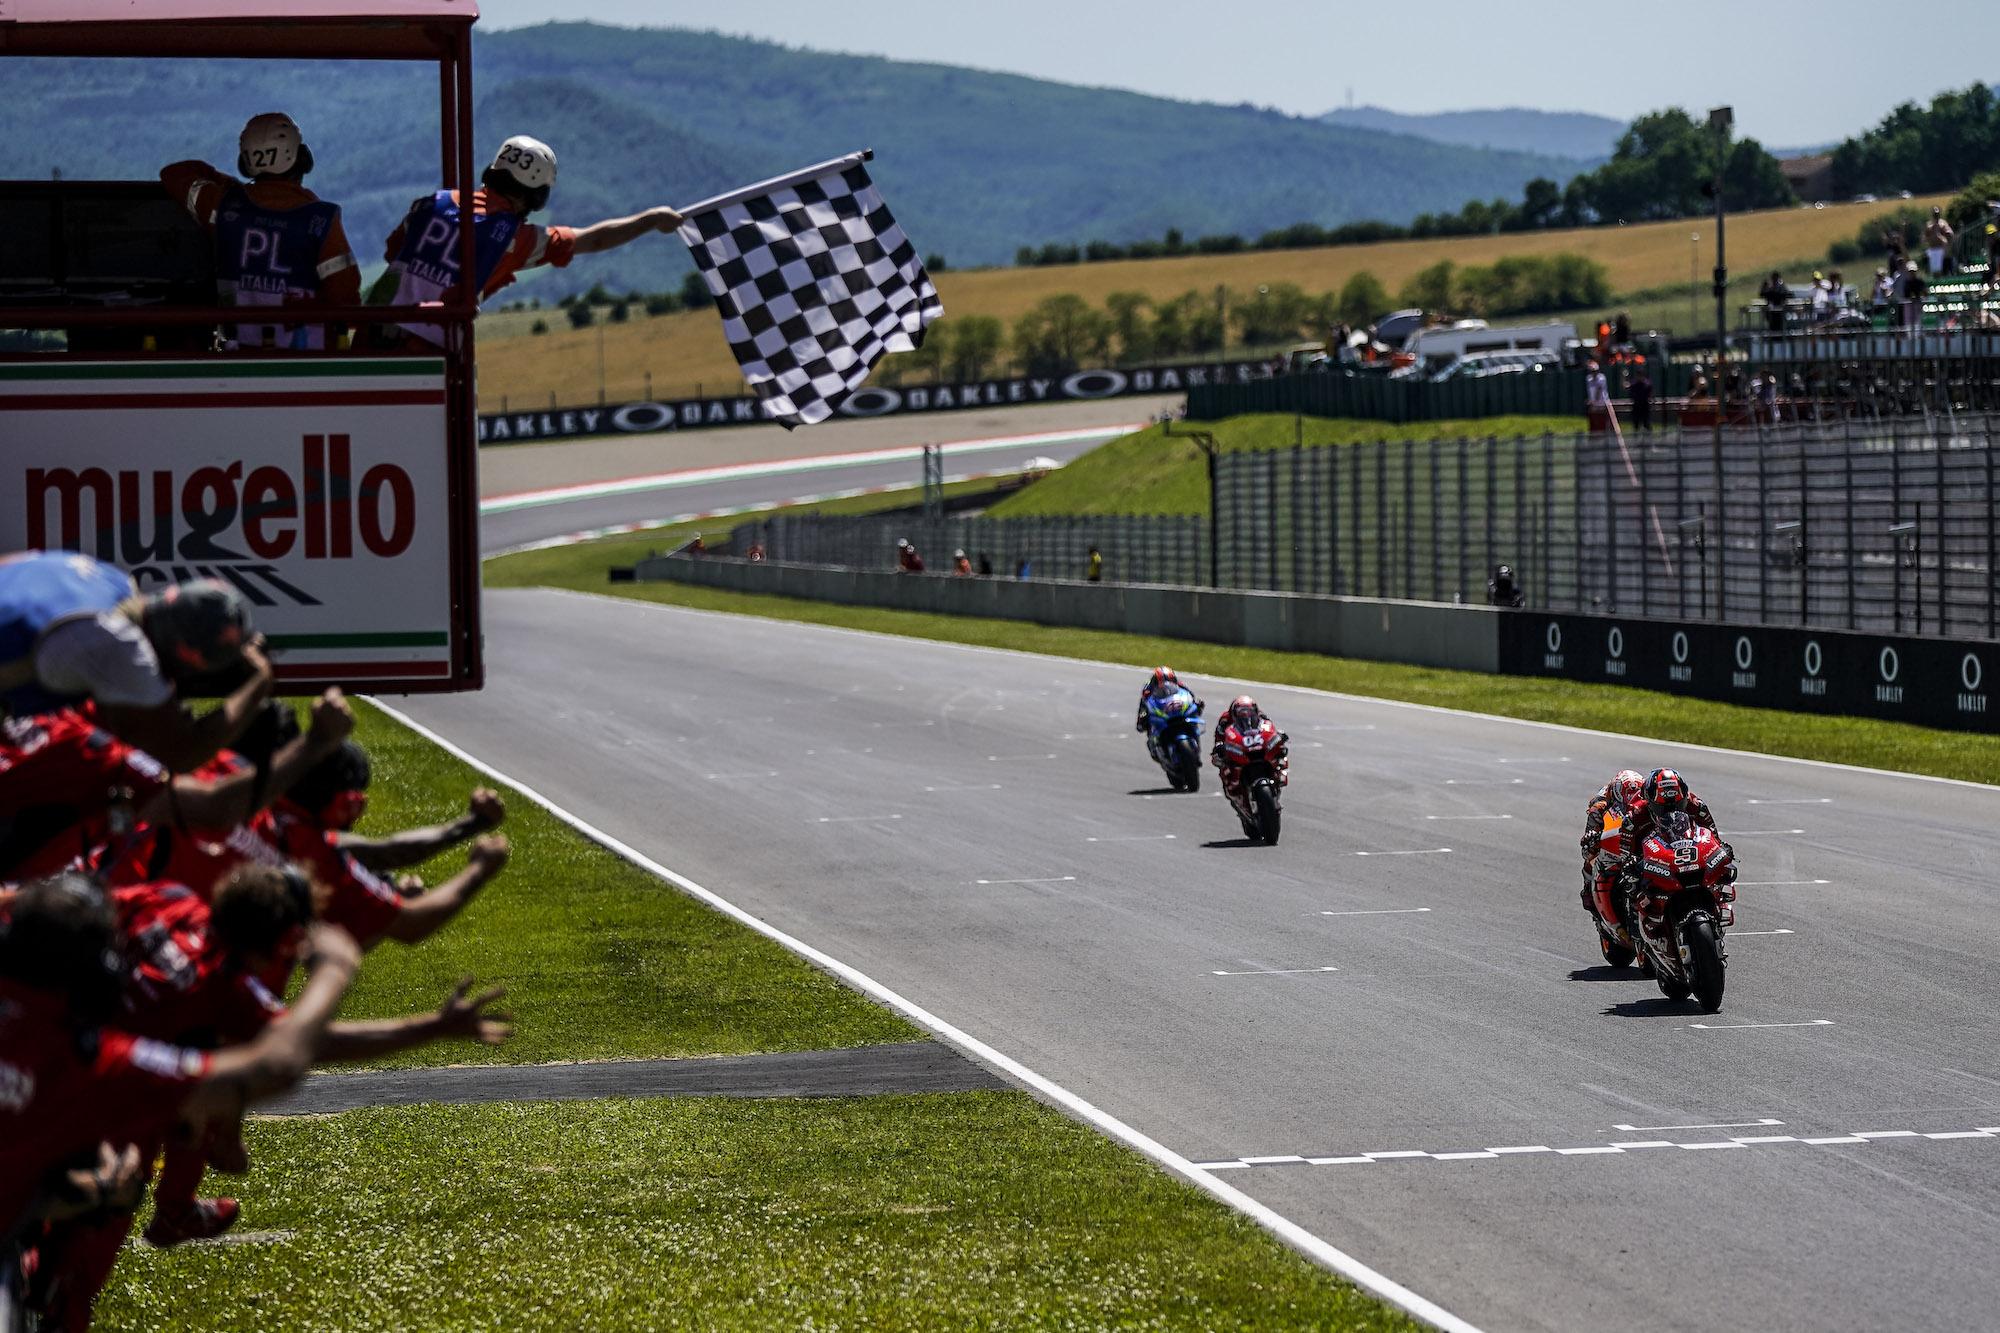 Finisz wyścigu MotoGP na Mugello w 2019 roku